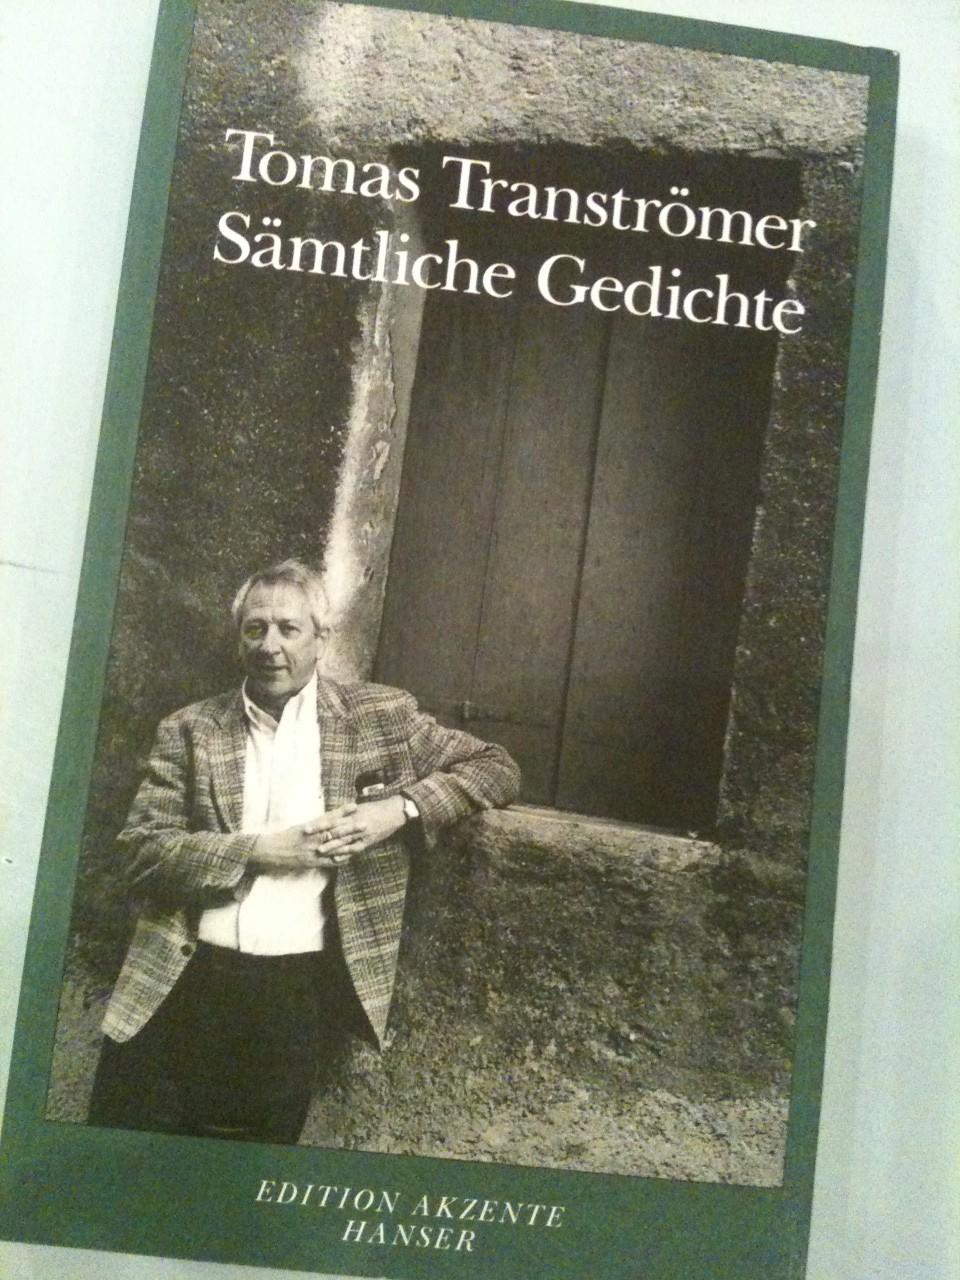 Tomas Tranströmer. Sämtliche Gedichte